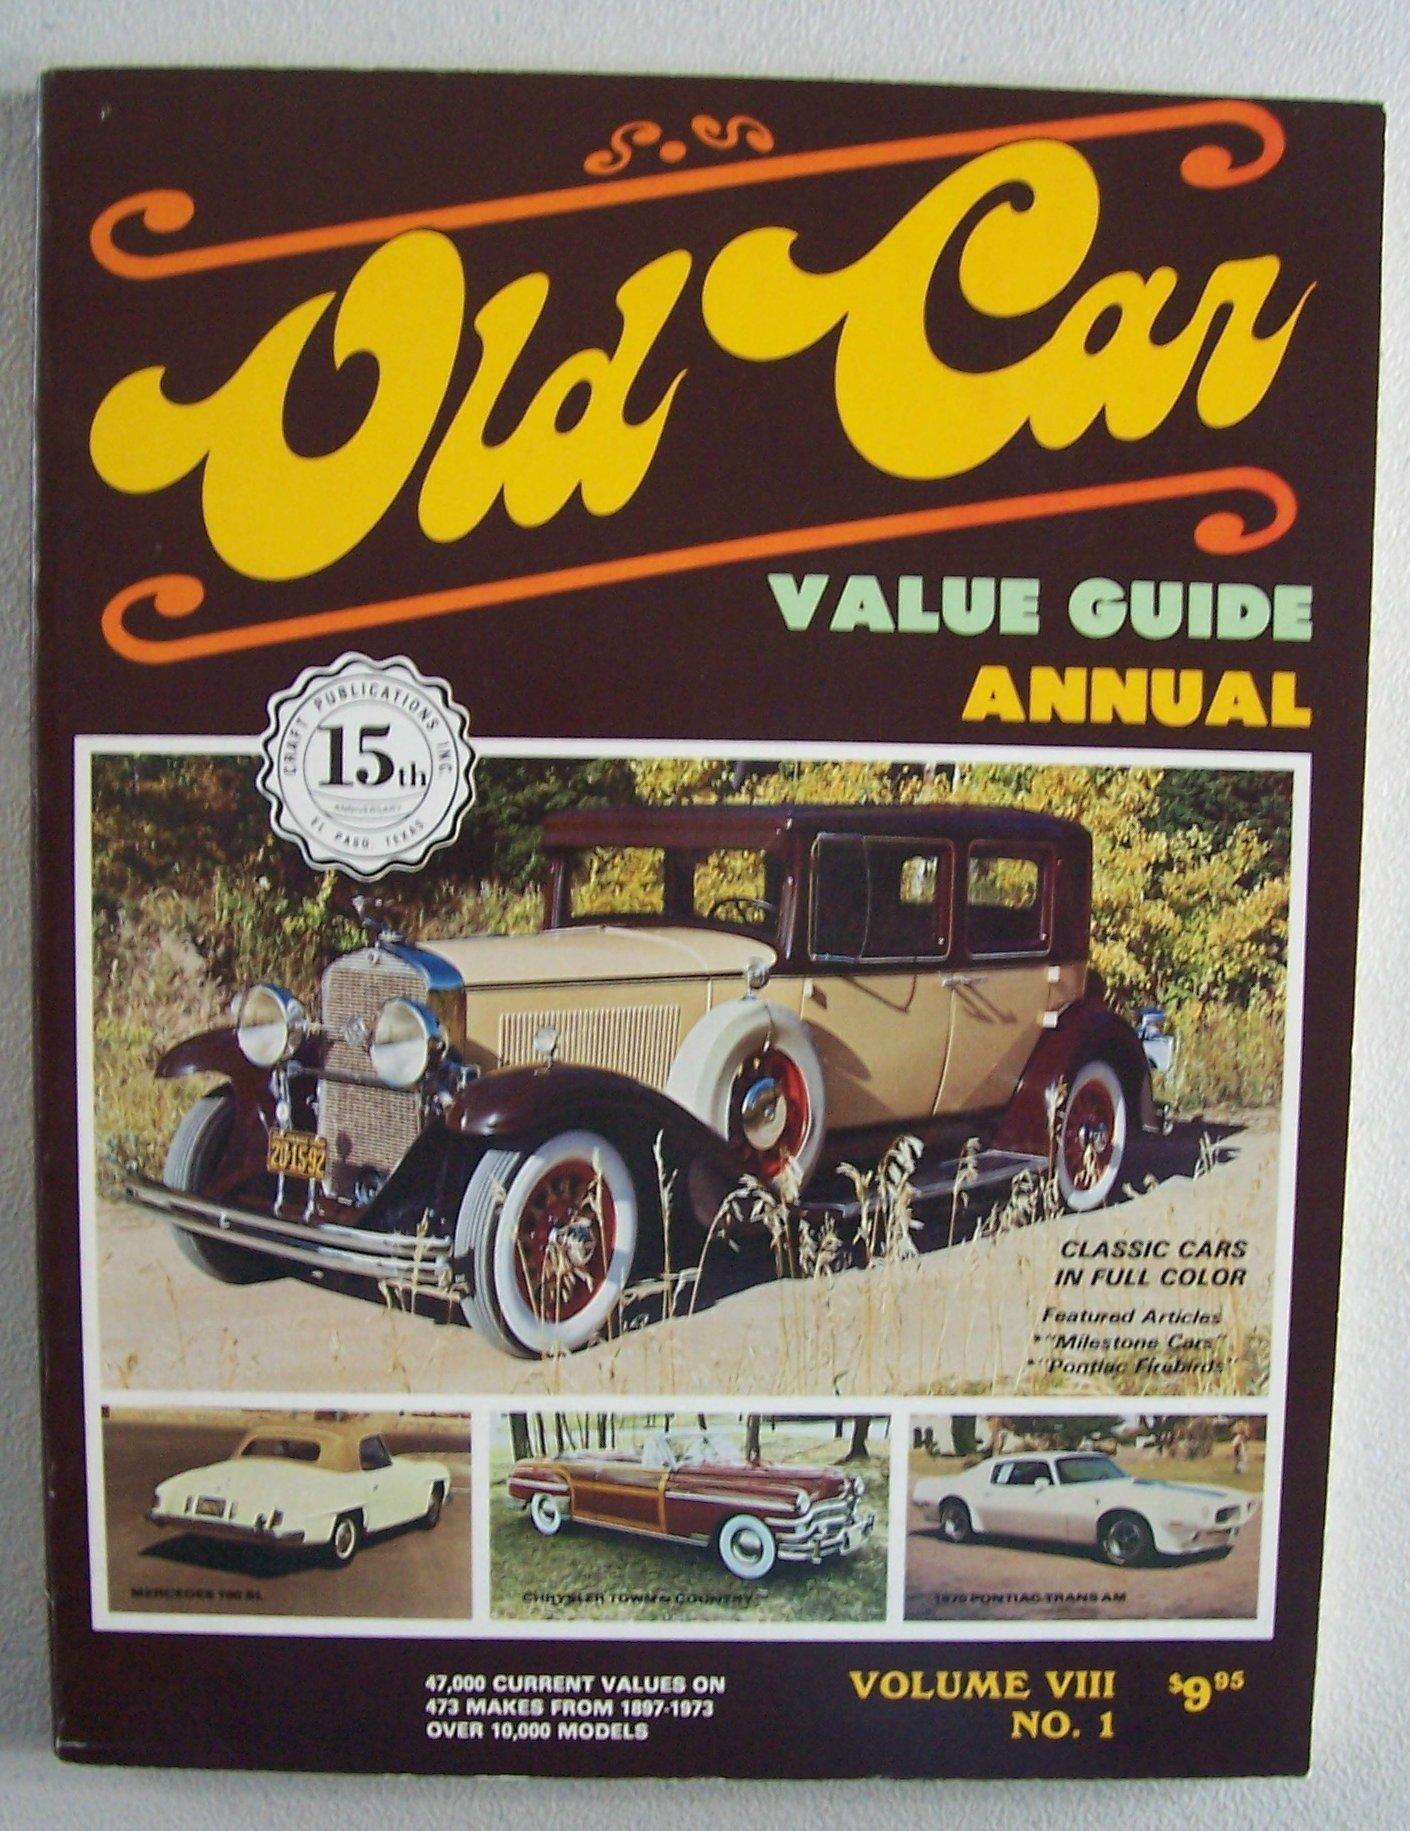 OLD CAR Value Guide Annual [ Vol. VIII No. 1 ] 15th Anniversary ...